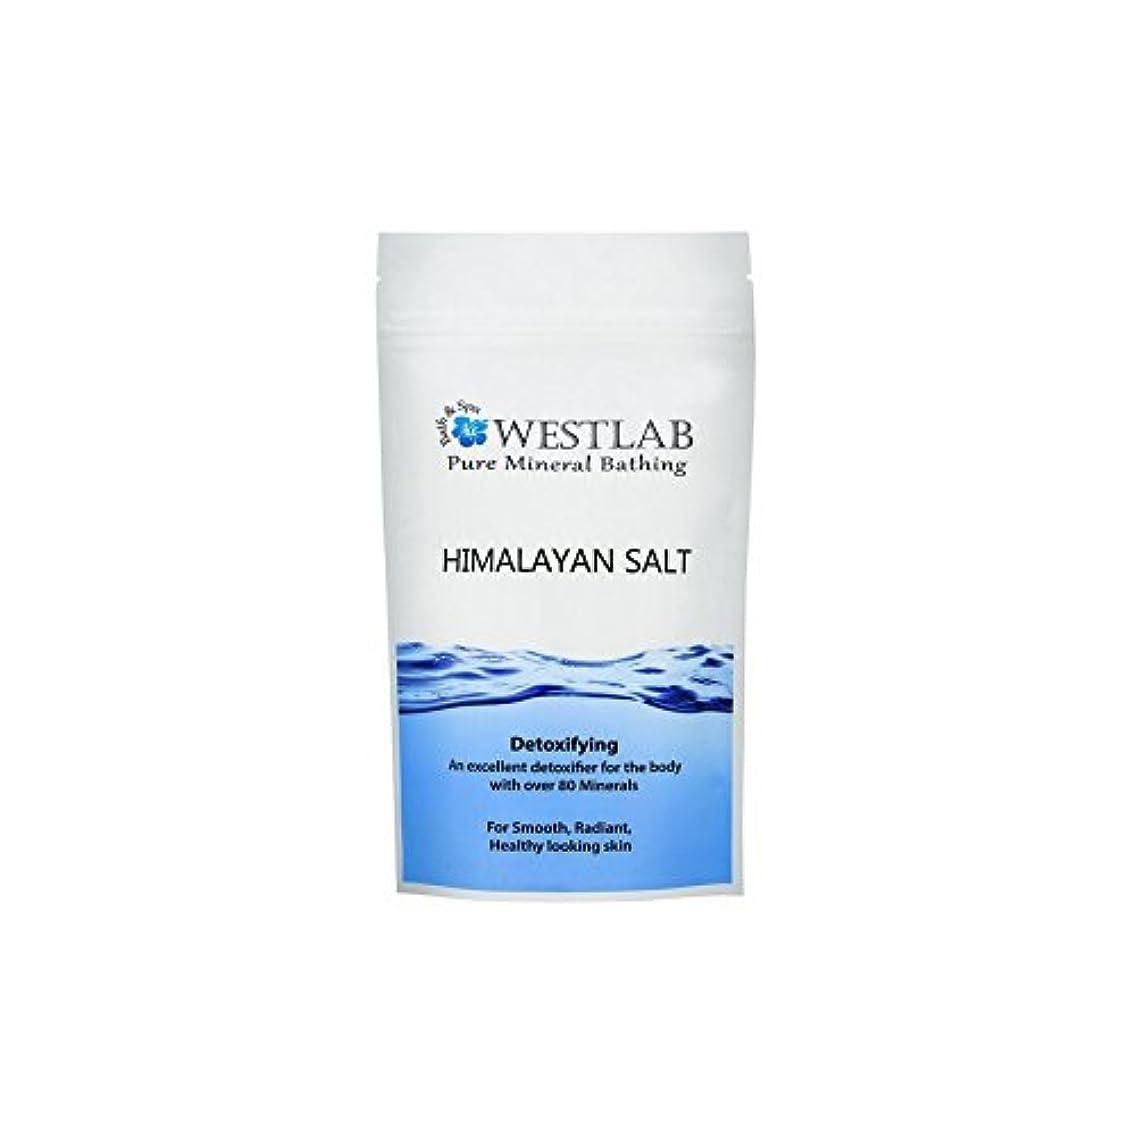 低い見積り王族ヒマラヤ塩の1キロ x2 - Westlab Himalayan Salt 1kg (Pack of 2) [並行輸入品]